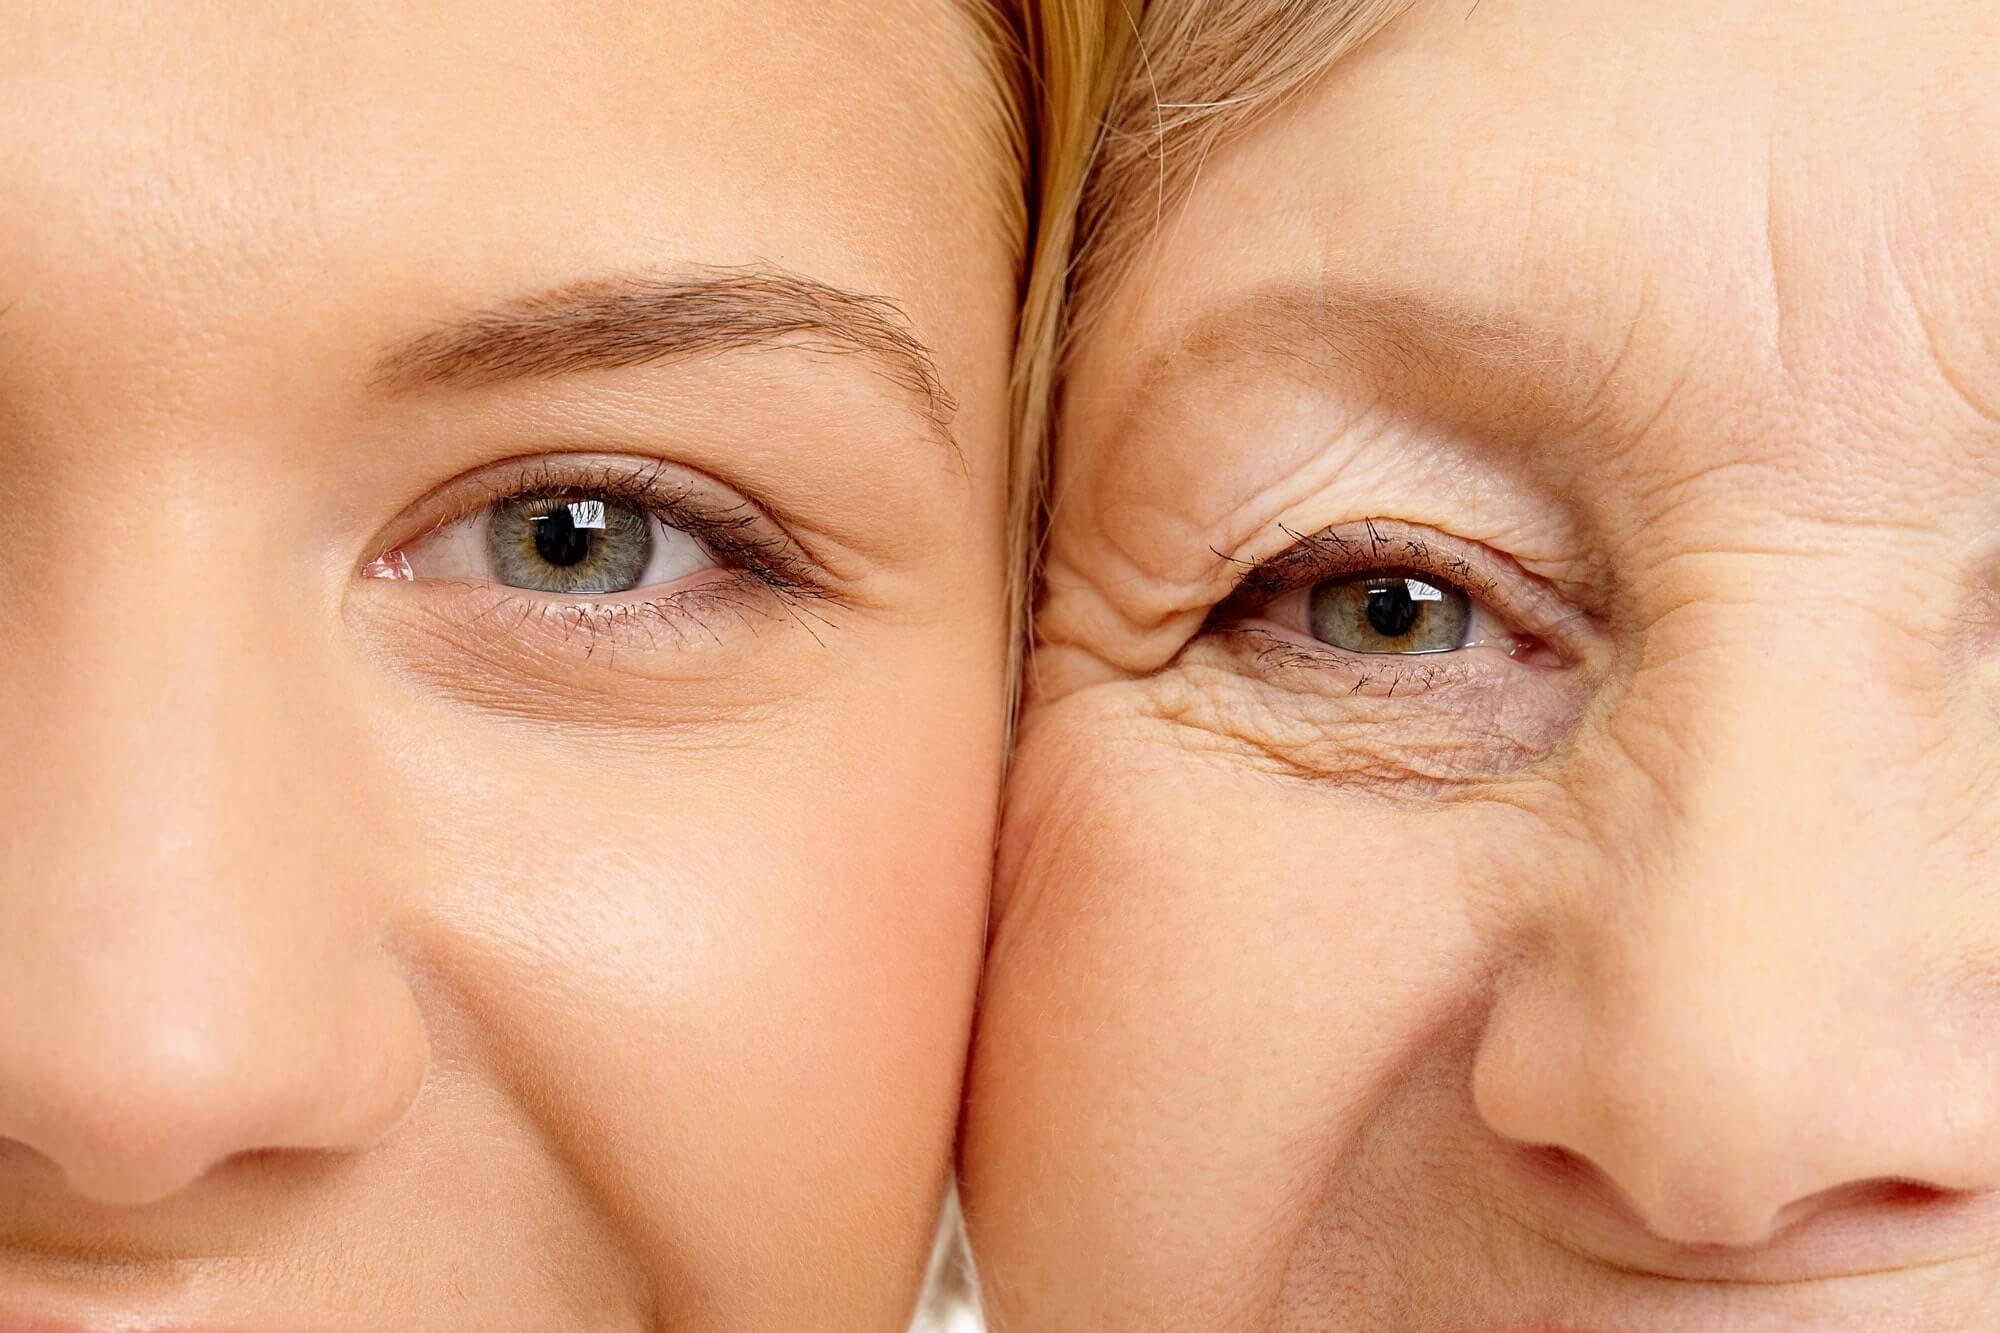 Кожа под глазами стала дряблой причины, как подтянуть, эффективные средства